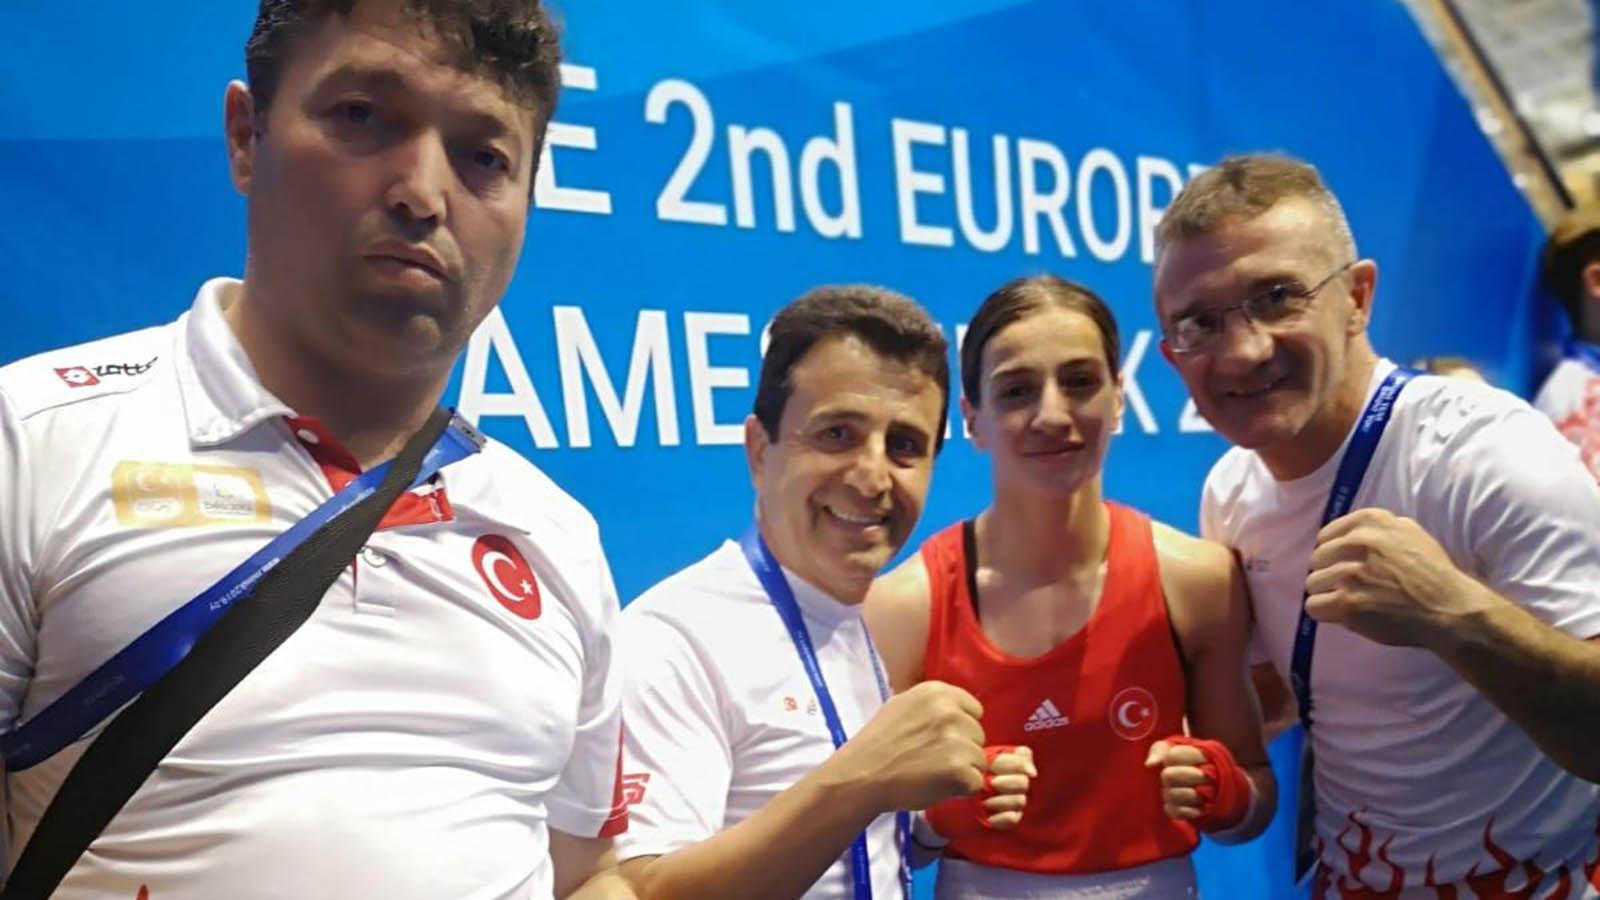 Fenerbahçeli milli boksör Buse Naz Çakıroğlu Avrupa Oyunları'nda yarı finale yükseldi